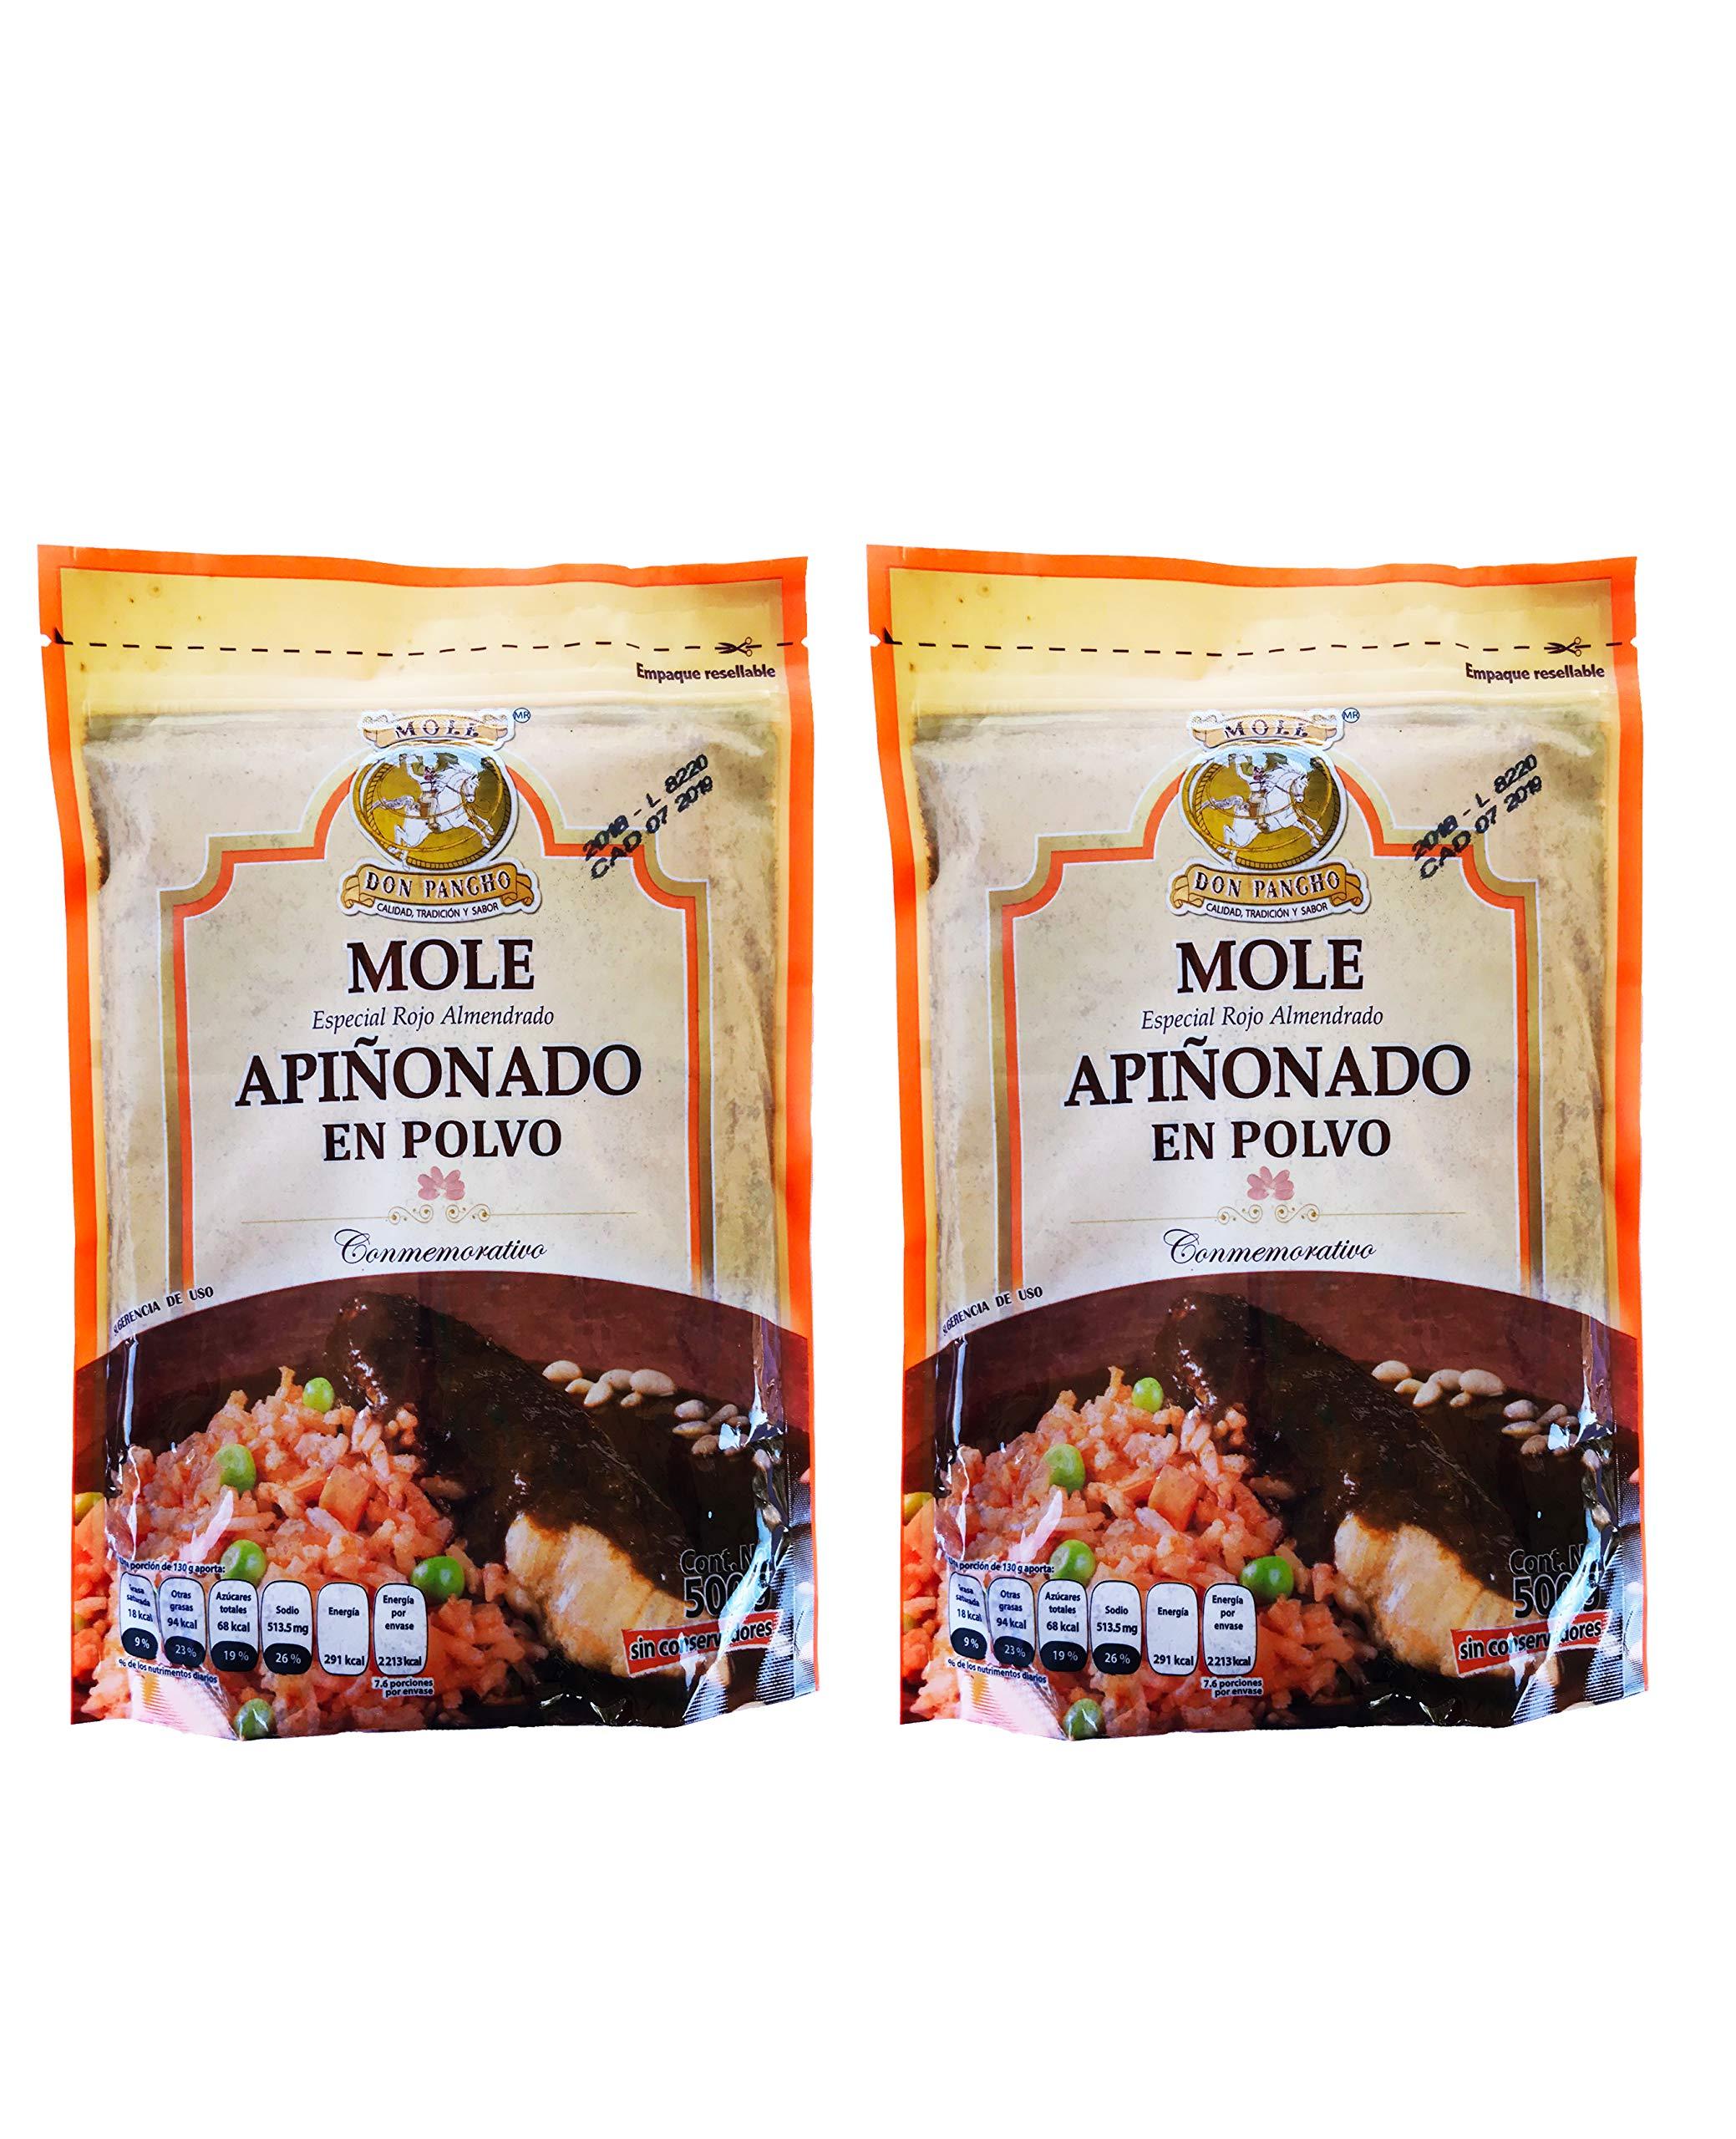 Mole Don Pacho Rojo Almendrado Apinonado (Almond Red Mole Mexican Sauce Pine Nut Touch)